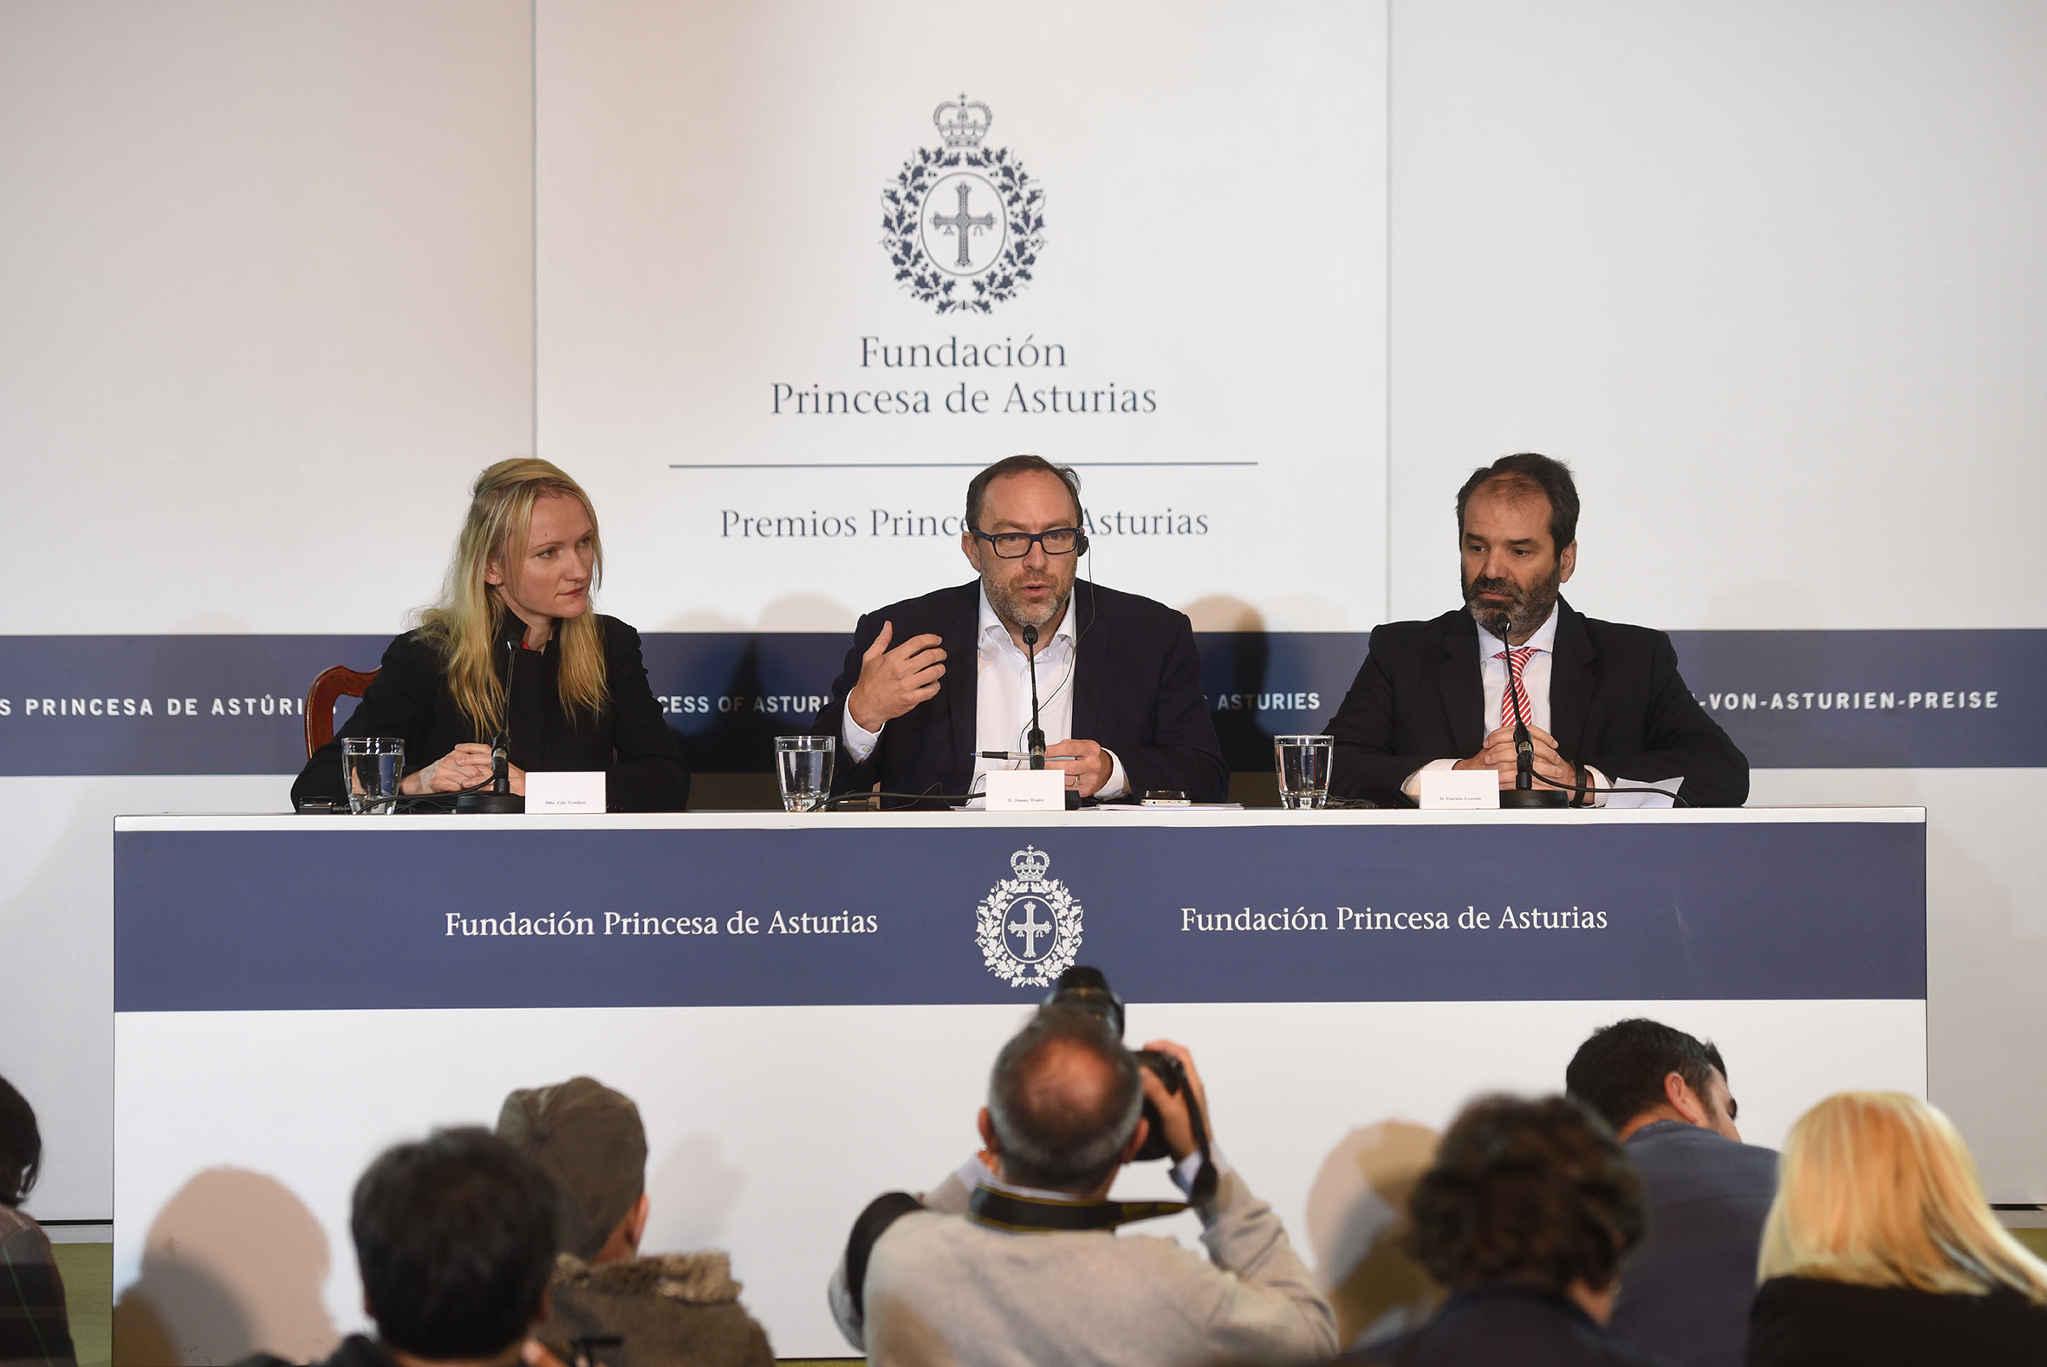 Press conference with Jimmy Wales, Ravan Jaglar, Jeevan José, Patricio y Lourdes